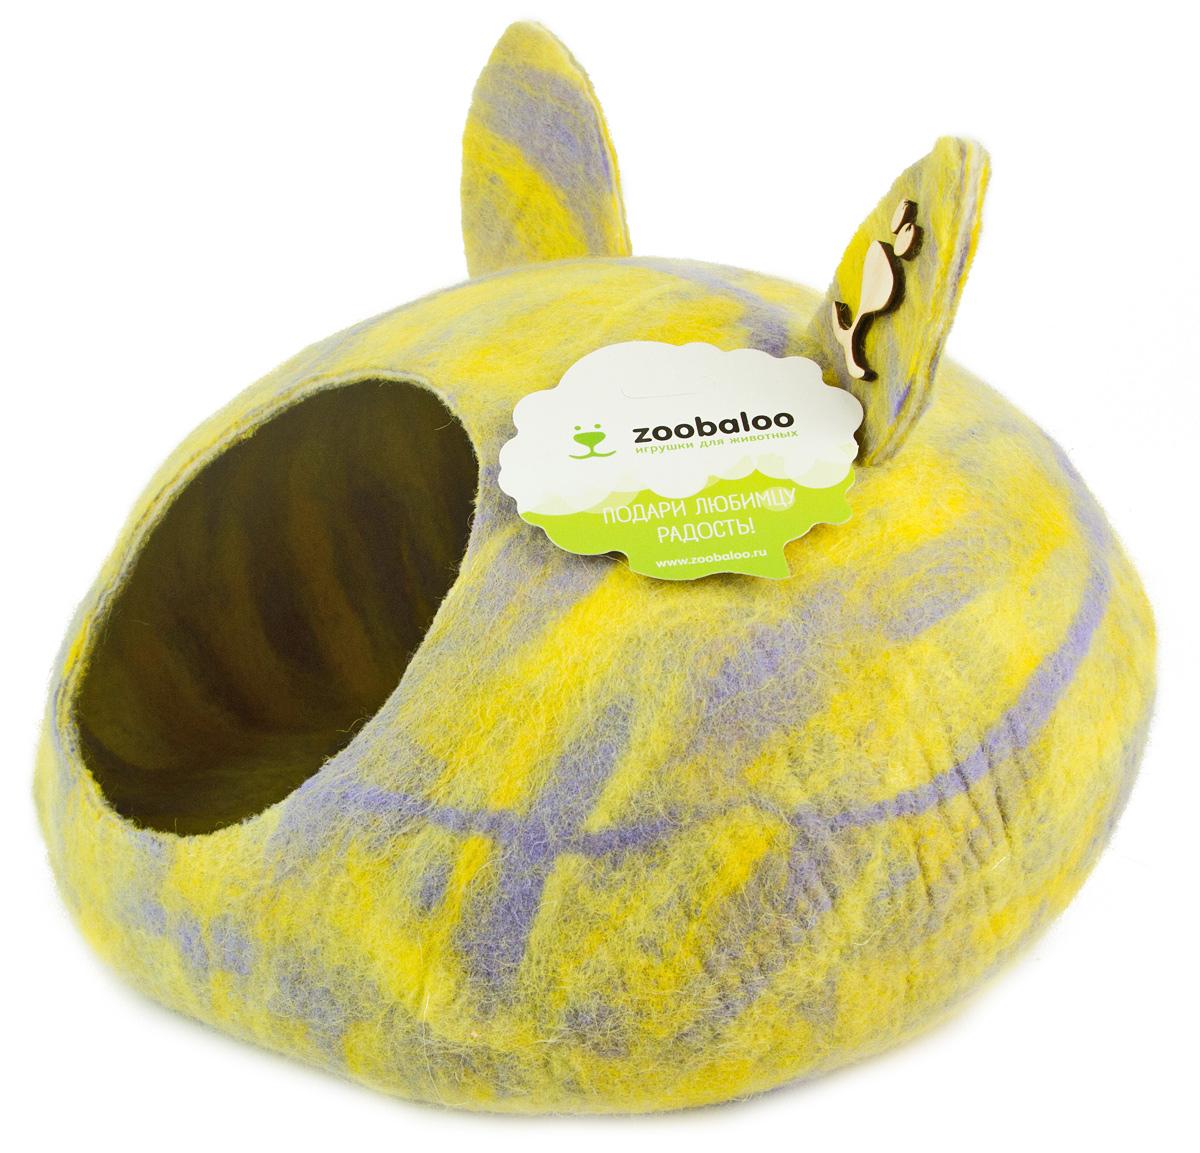 Домик-слипер для животных Zoobaloo WoolPetHouse, с ушками, цвет: мультиколор, размер SЛ-18/3_желтый, черный, коричневыйДомик-слипер Zoobaloo WoolPetHouse предназначен для отдыха и сна питомца. Домик изготовлен из 100% шерсти мериноса. Учтены все особенности животного сна: форма, цвет, материал этого домика - все подобрано как нельзя лучше! В нем ваш любимец будет видеть только цветные сны. Шерсть мериноса обеспечит превосходный микроклимат внутри домика, а его форма позволит питомцу засыпать в самой естественной позе.